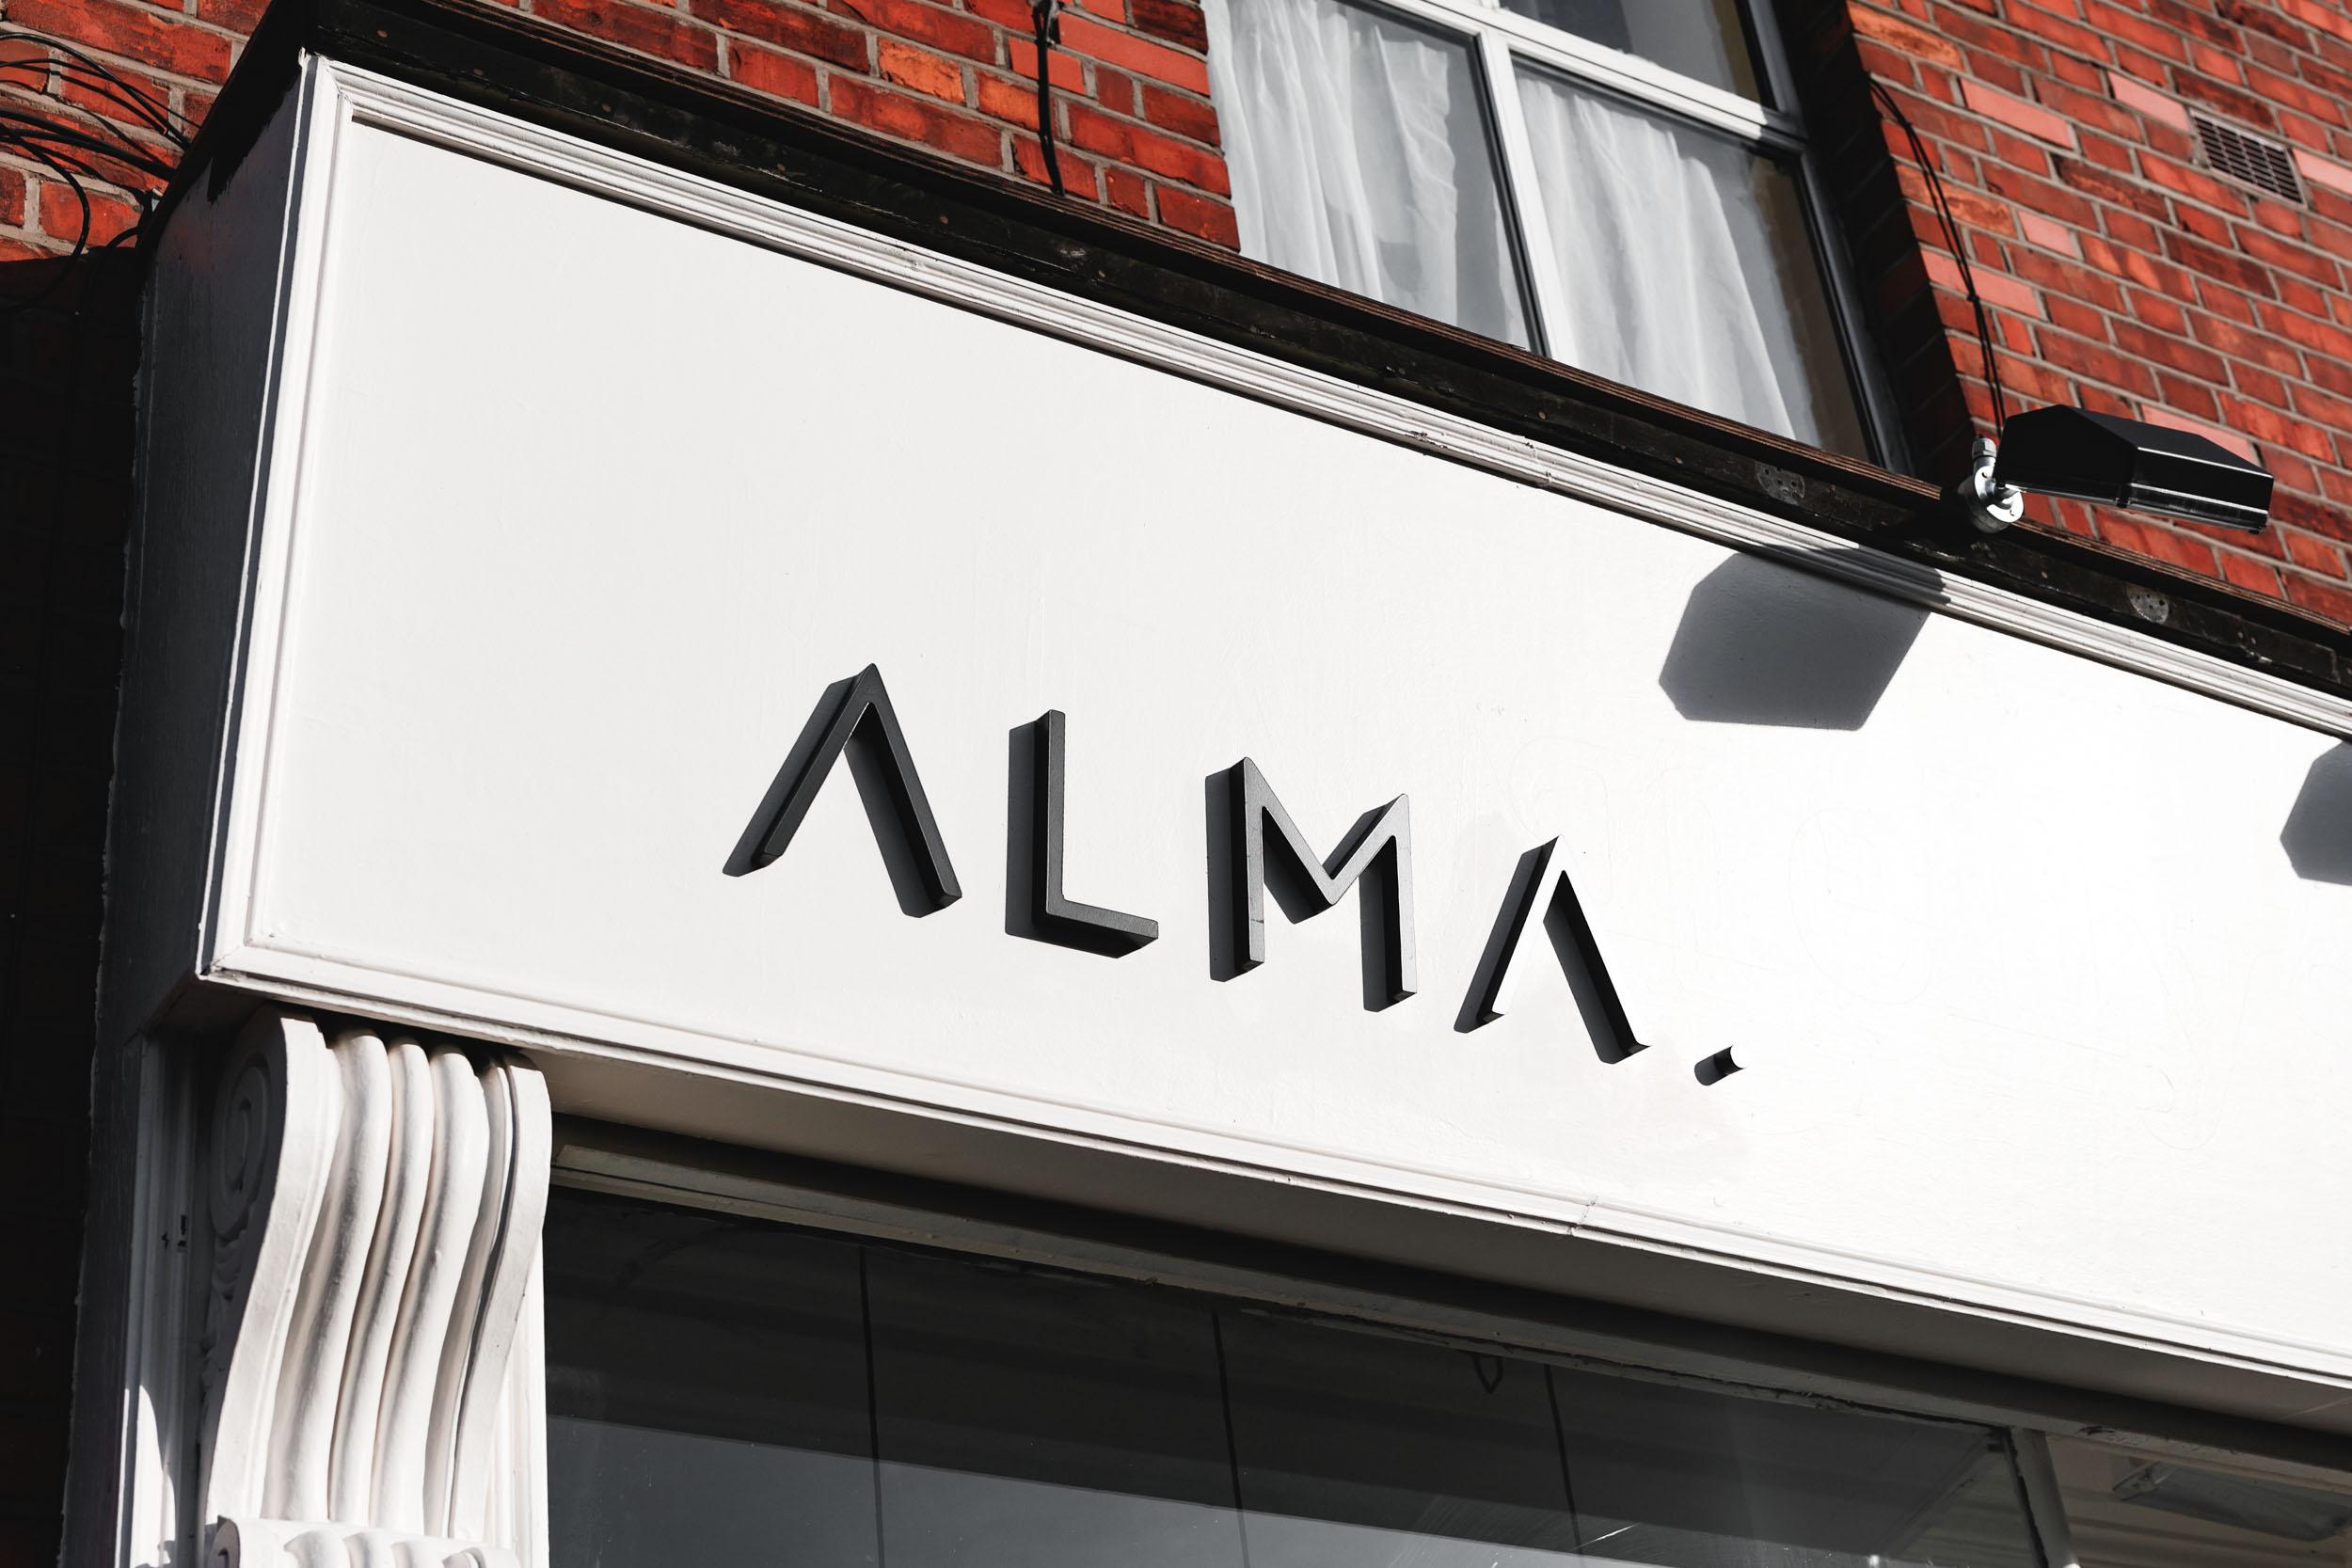 alma-cafe-dublin0J4A0023.jpg